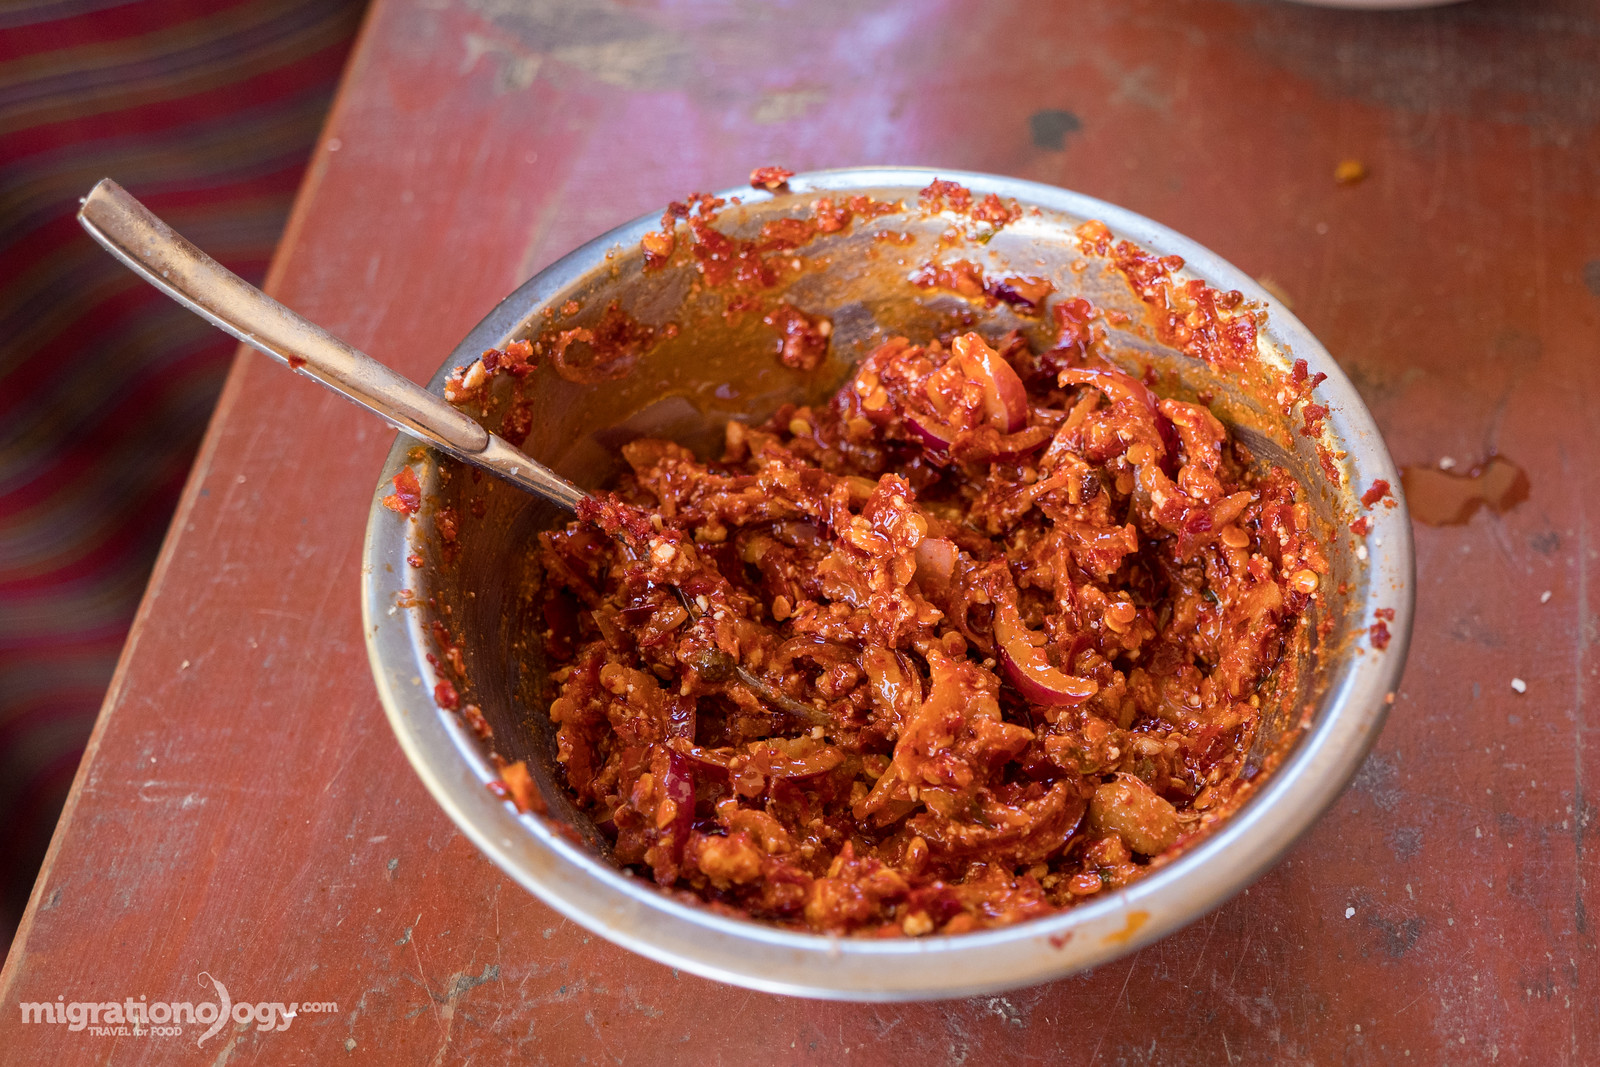 Bhutanese chili sauce